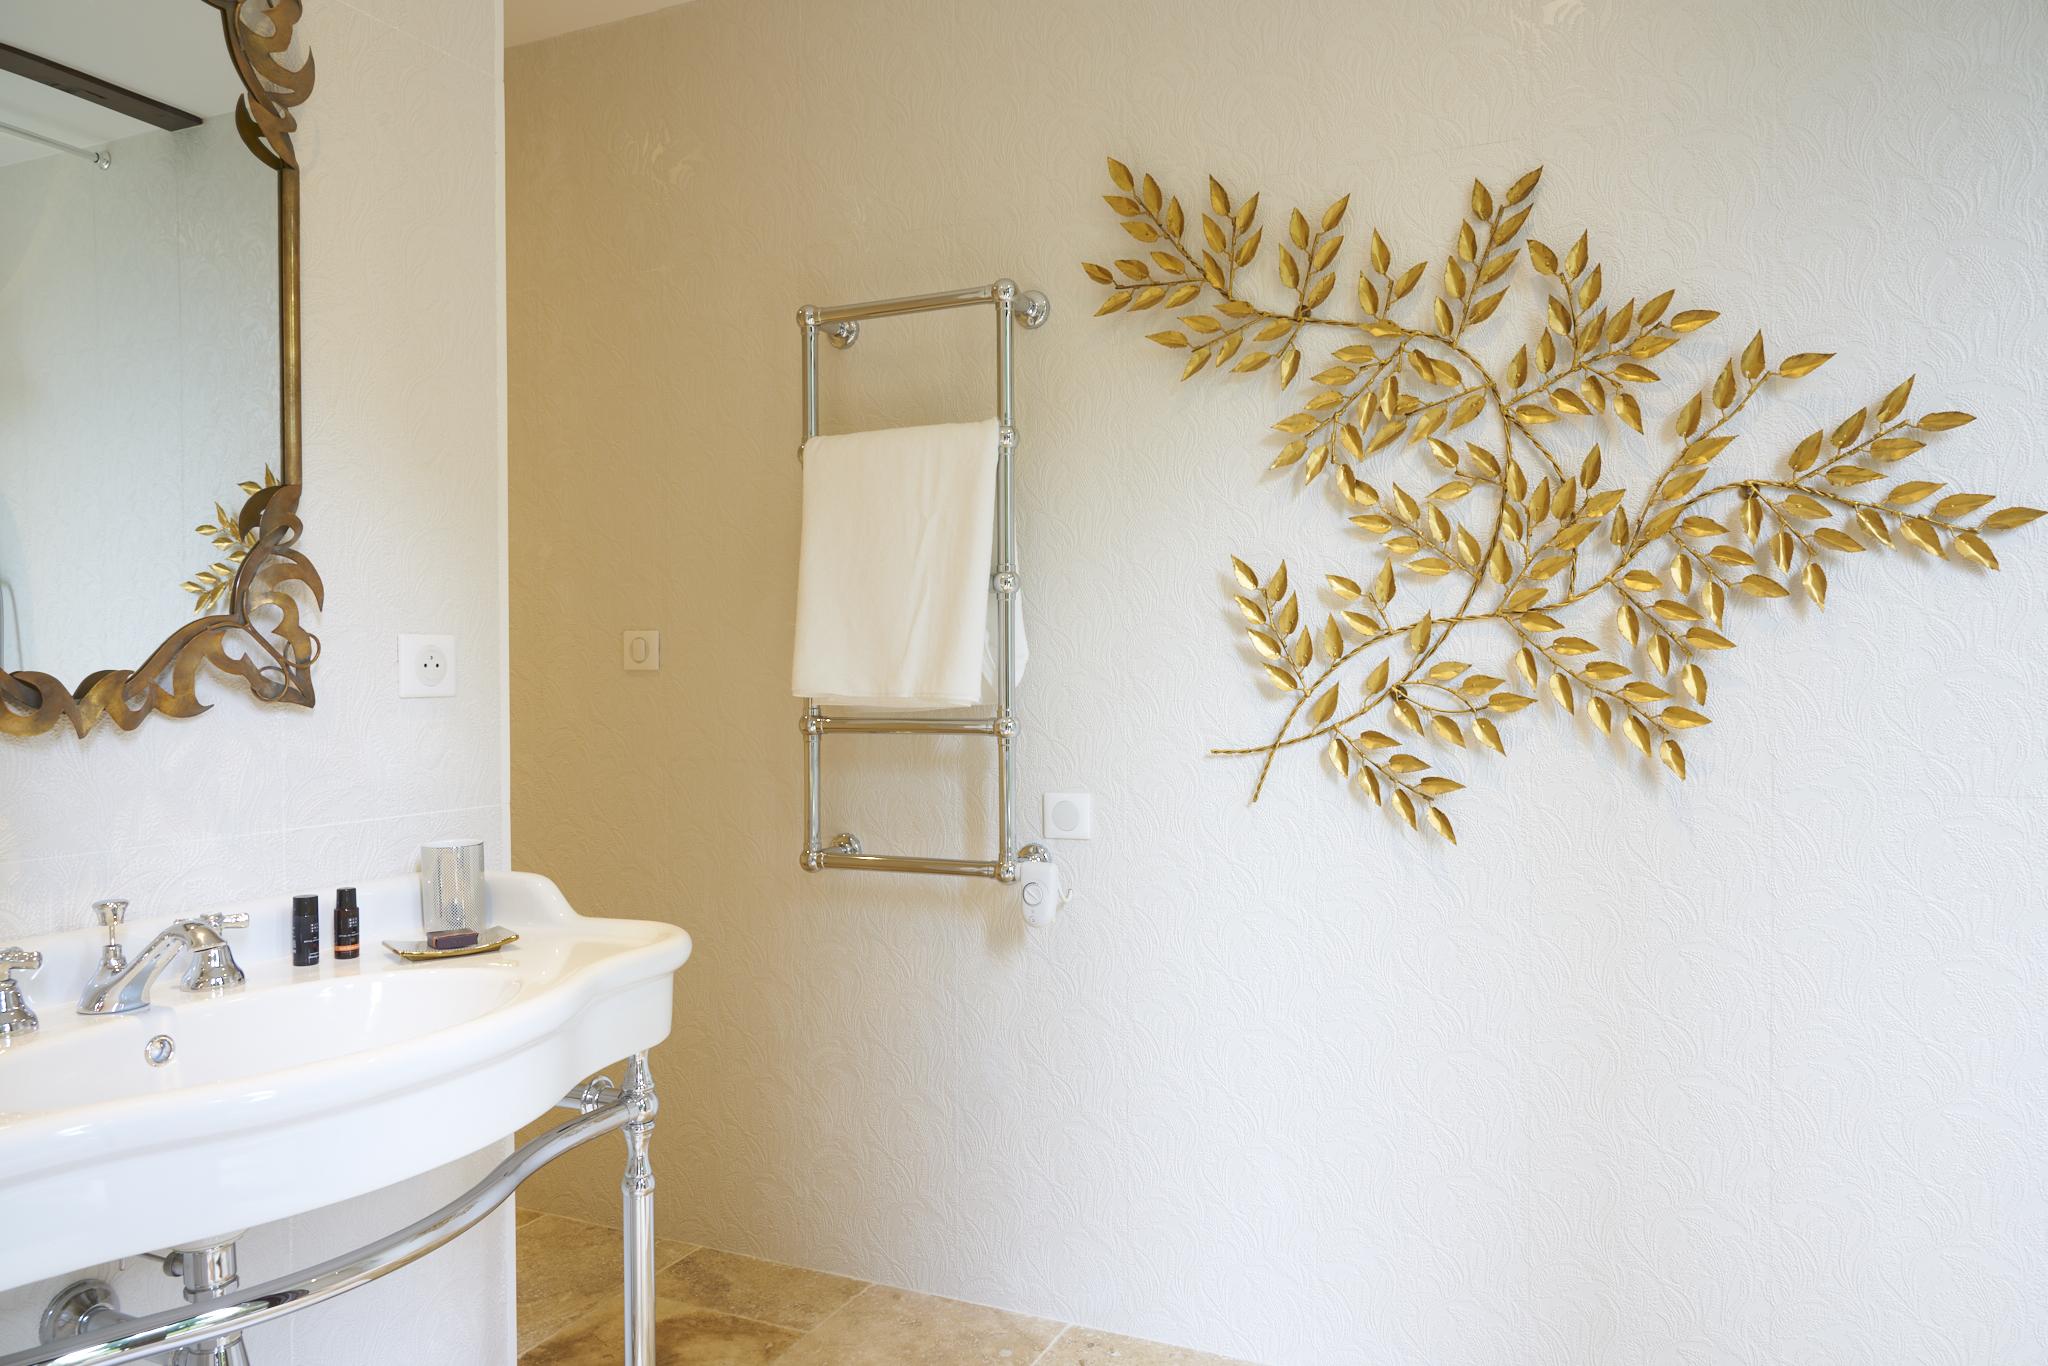 photo détail de la salle de bain de la chambre Ausone, chambres d'hôtes du château Pont Saint-Martin, Pessac léognan, bordeaux, dégustation de vin, tout confort